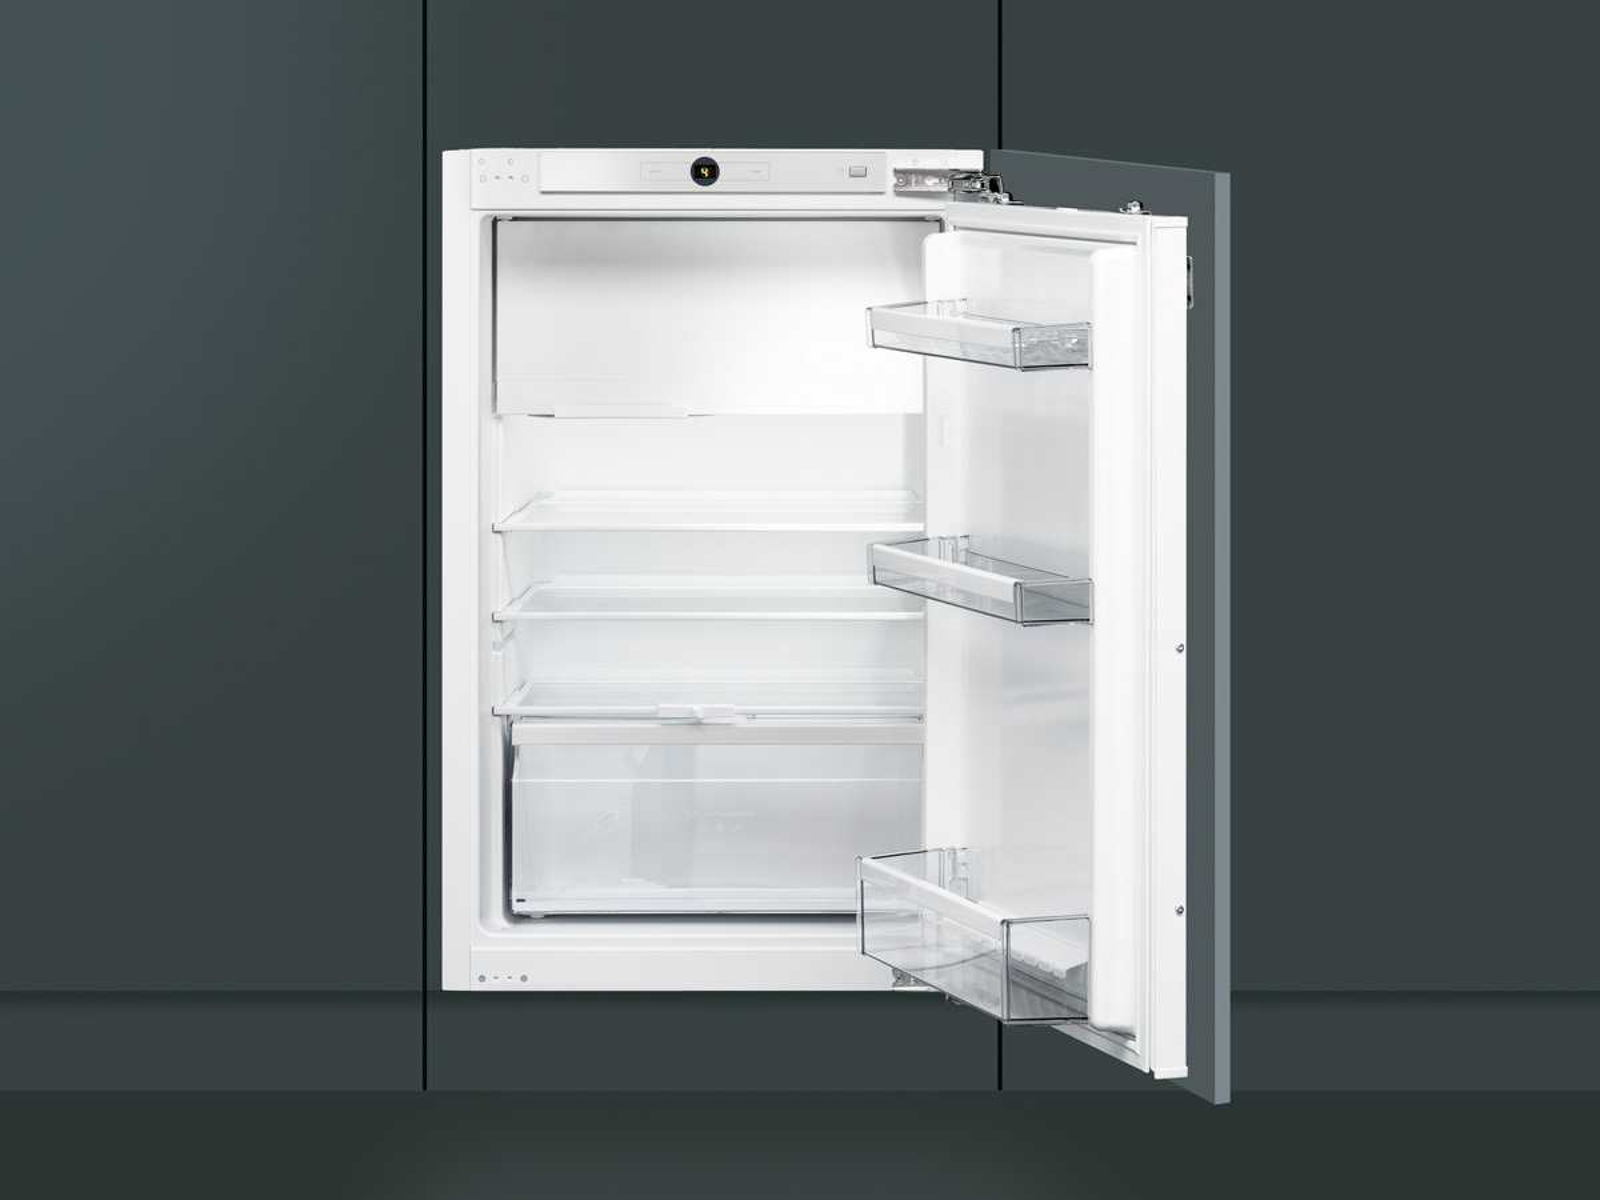 Smeg Kühlschrank Db : Smeg sid140c einbaukühlschrank